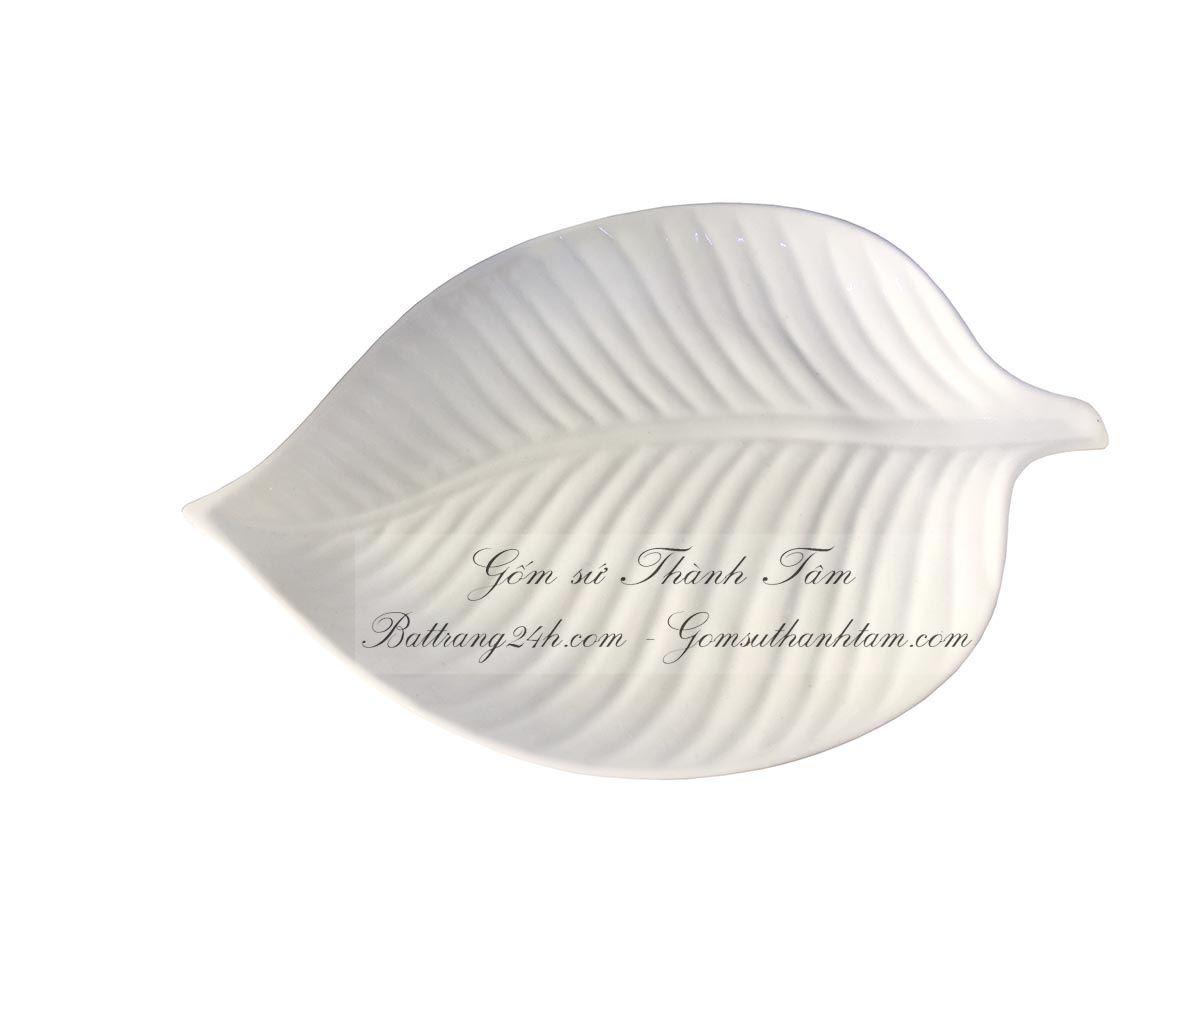 Bộ bát đĩa đựng thức ăn đẹp men trắng tinh, bộ bát đĩa bày đẹp chất lượng tốt nhất